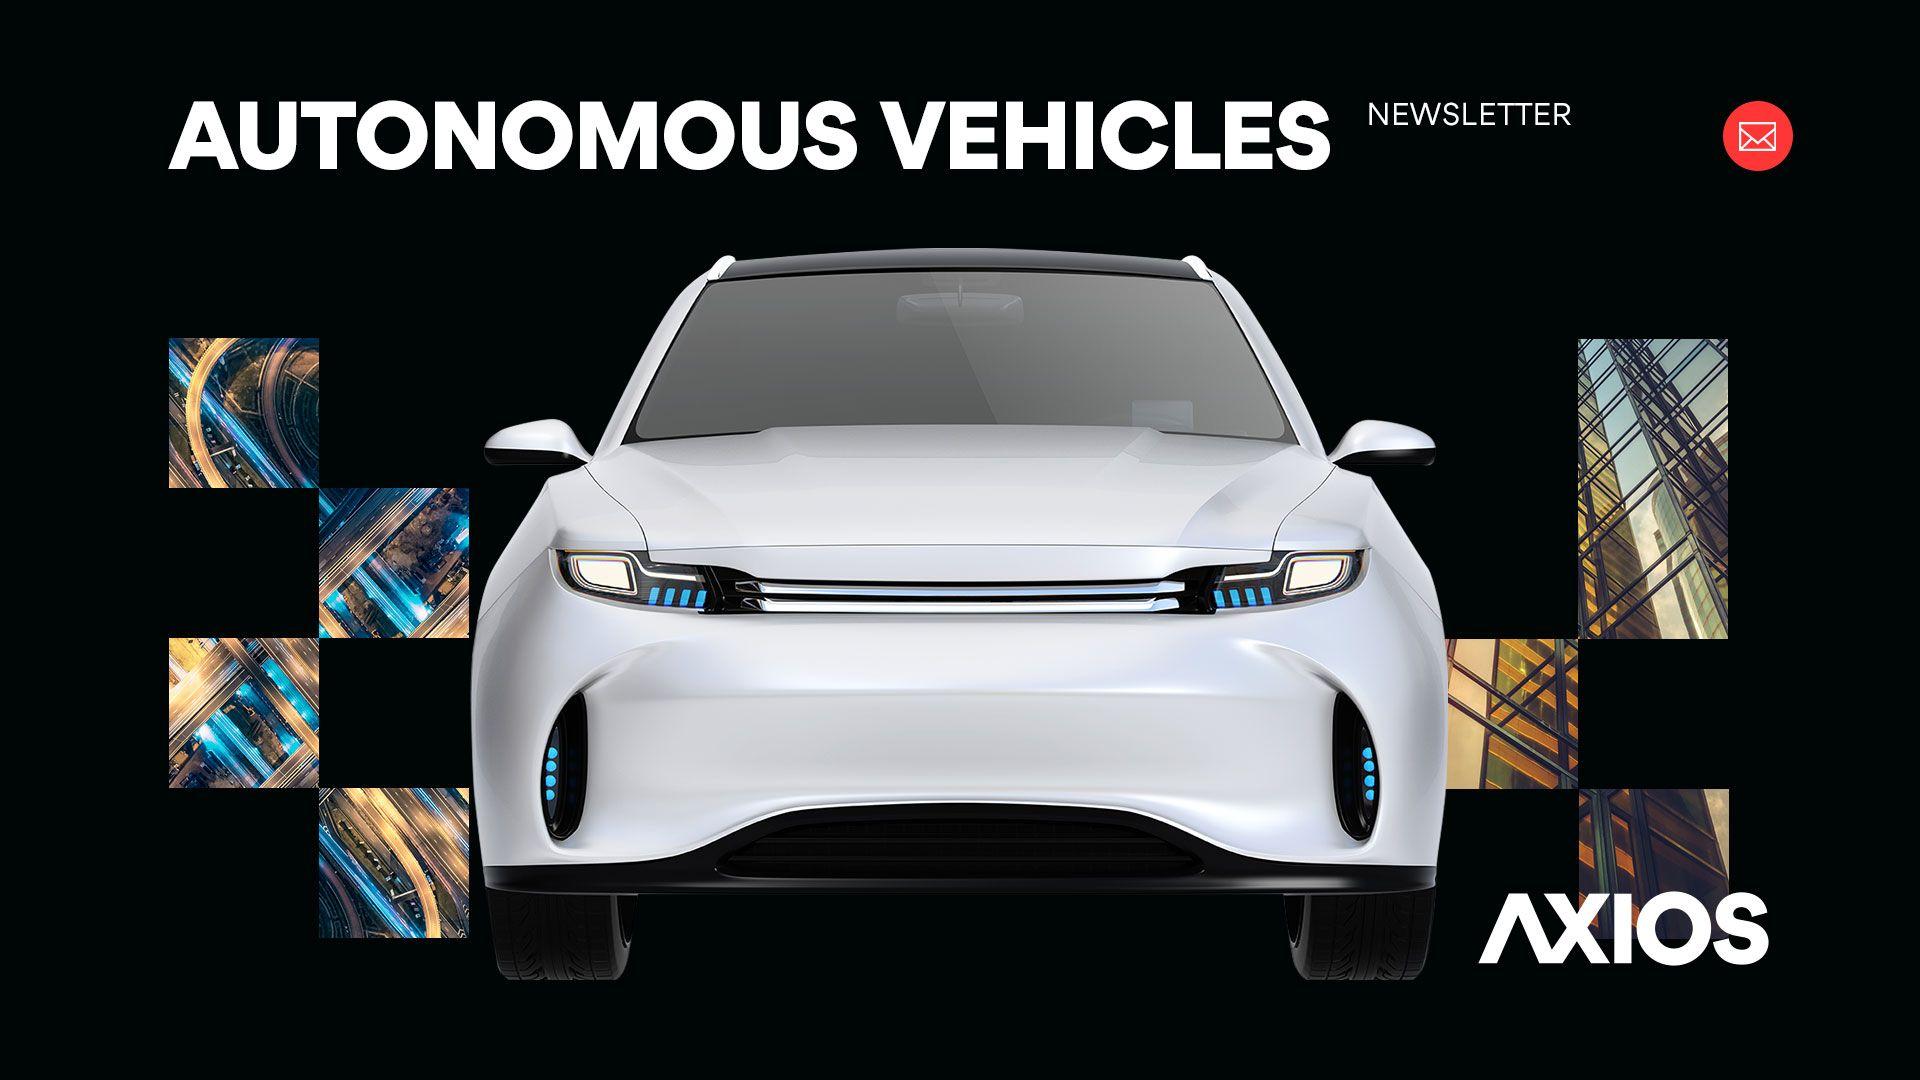 axios.com - Axios Autonomous Vehicles